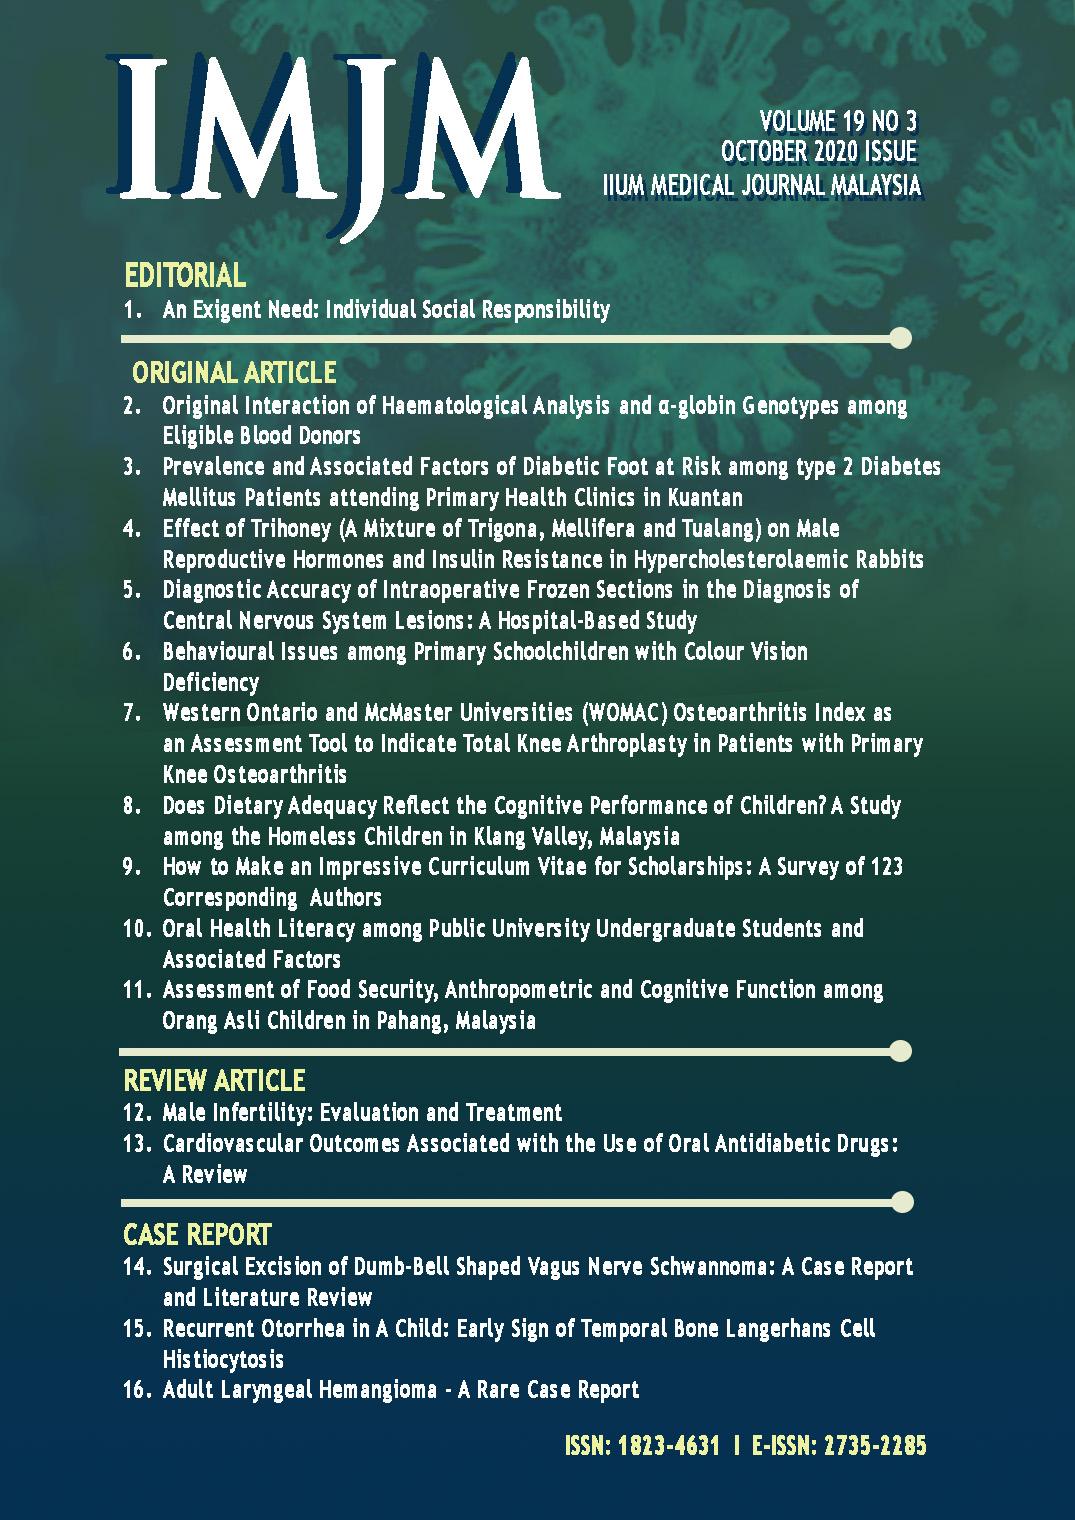 View Vol. 19 No. 3 (2020): IIUM Medical Journal Malaysia - October 2020